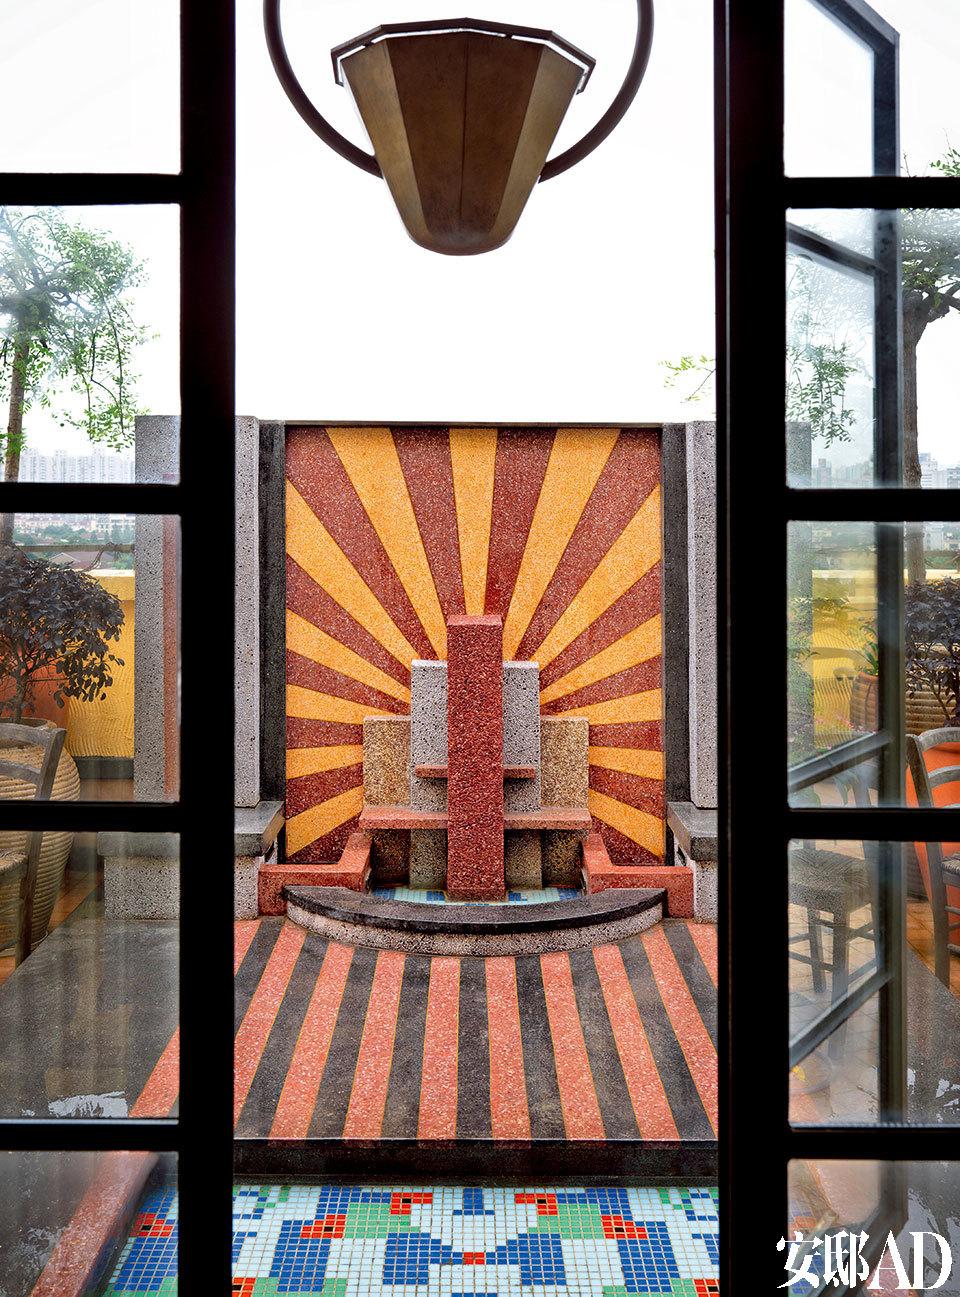 经典的Art Deco图案,令这个装饰一新的户外水池,既抓人眼球,又为整个家的装饰风格划上完全句号。这个Art Deco风格的小水池,无论是从室内望出去,还是在露台上,都是整套公寓的视觉中心。